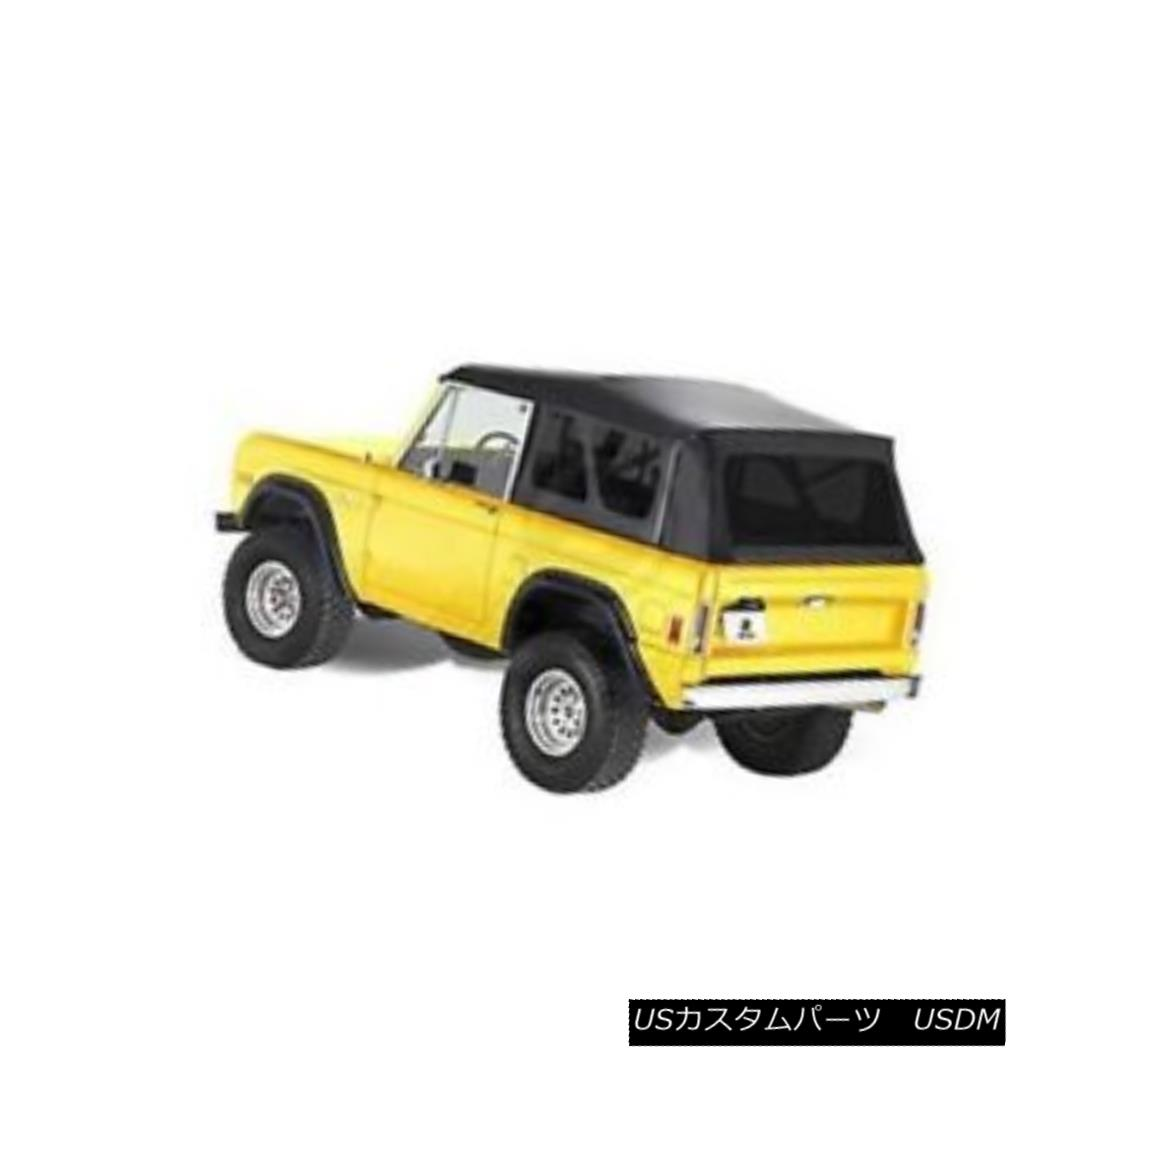 幌・ソフトトップ Bestop 51533-01 Soft Top Supertop Polymer Cloth Black fits Ford SUV ベストトップ51533-01ソフトトップスーパーポップポリマークロスブラックフォードSUV